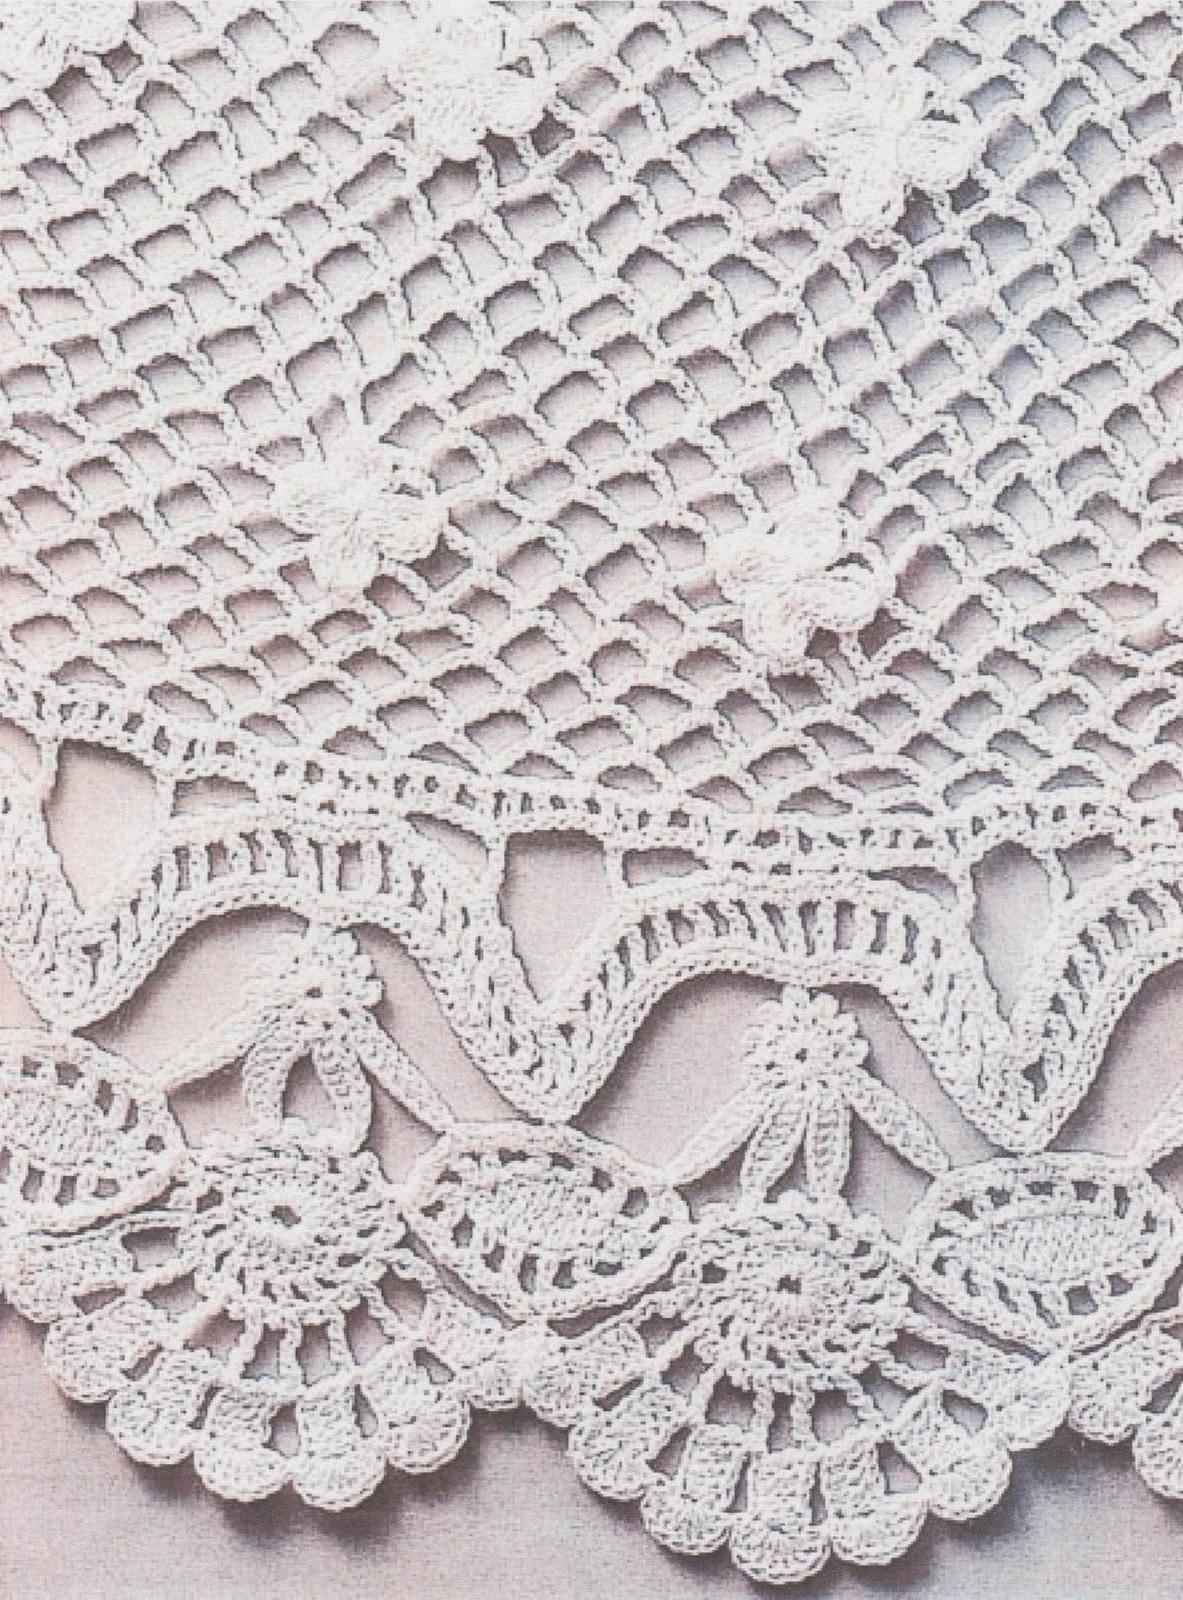 De petites fleurs sont ajoutées sur les résilles (arceaux) de la robe